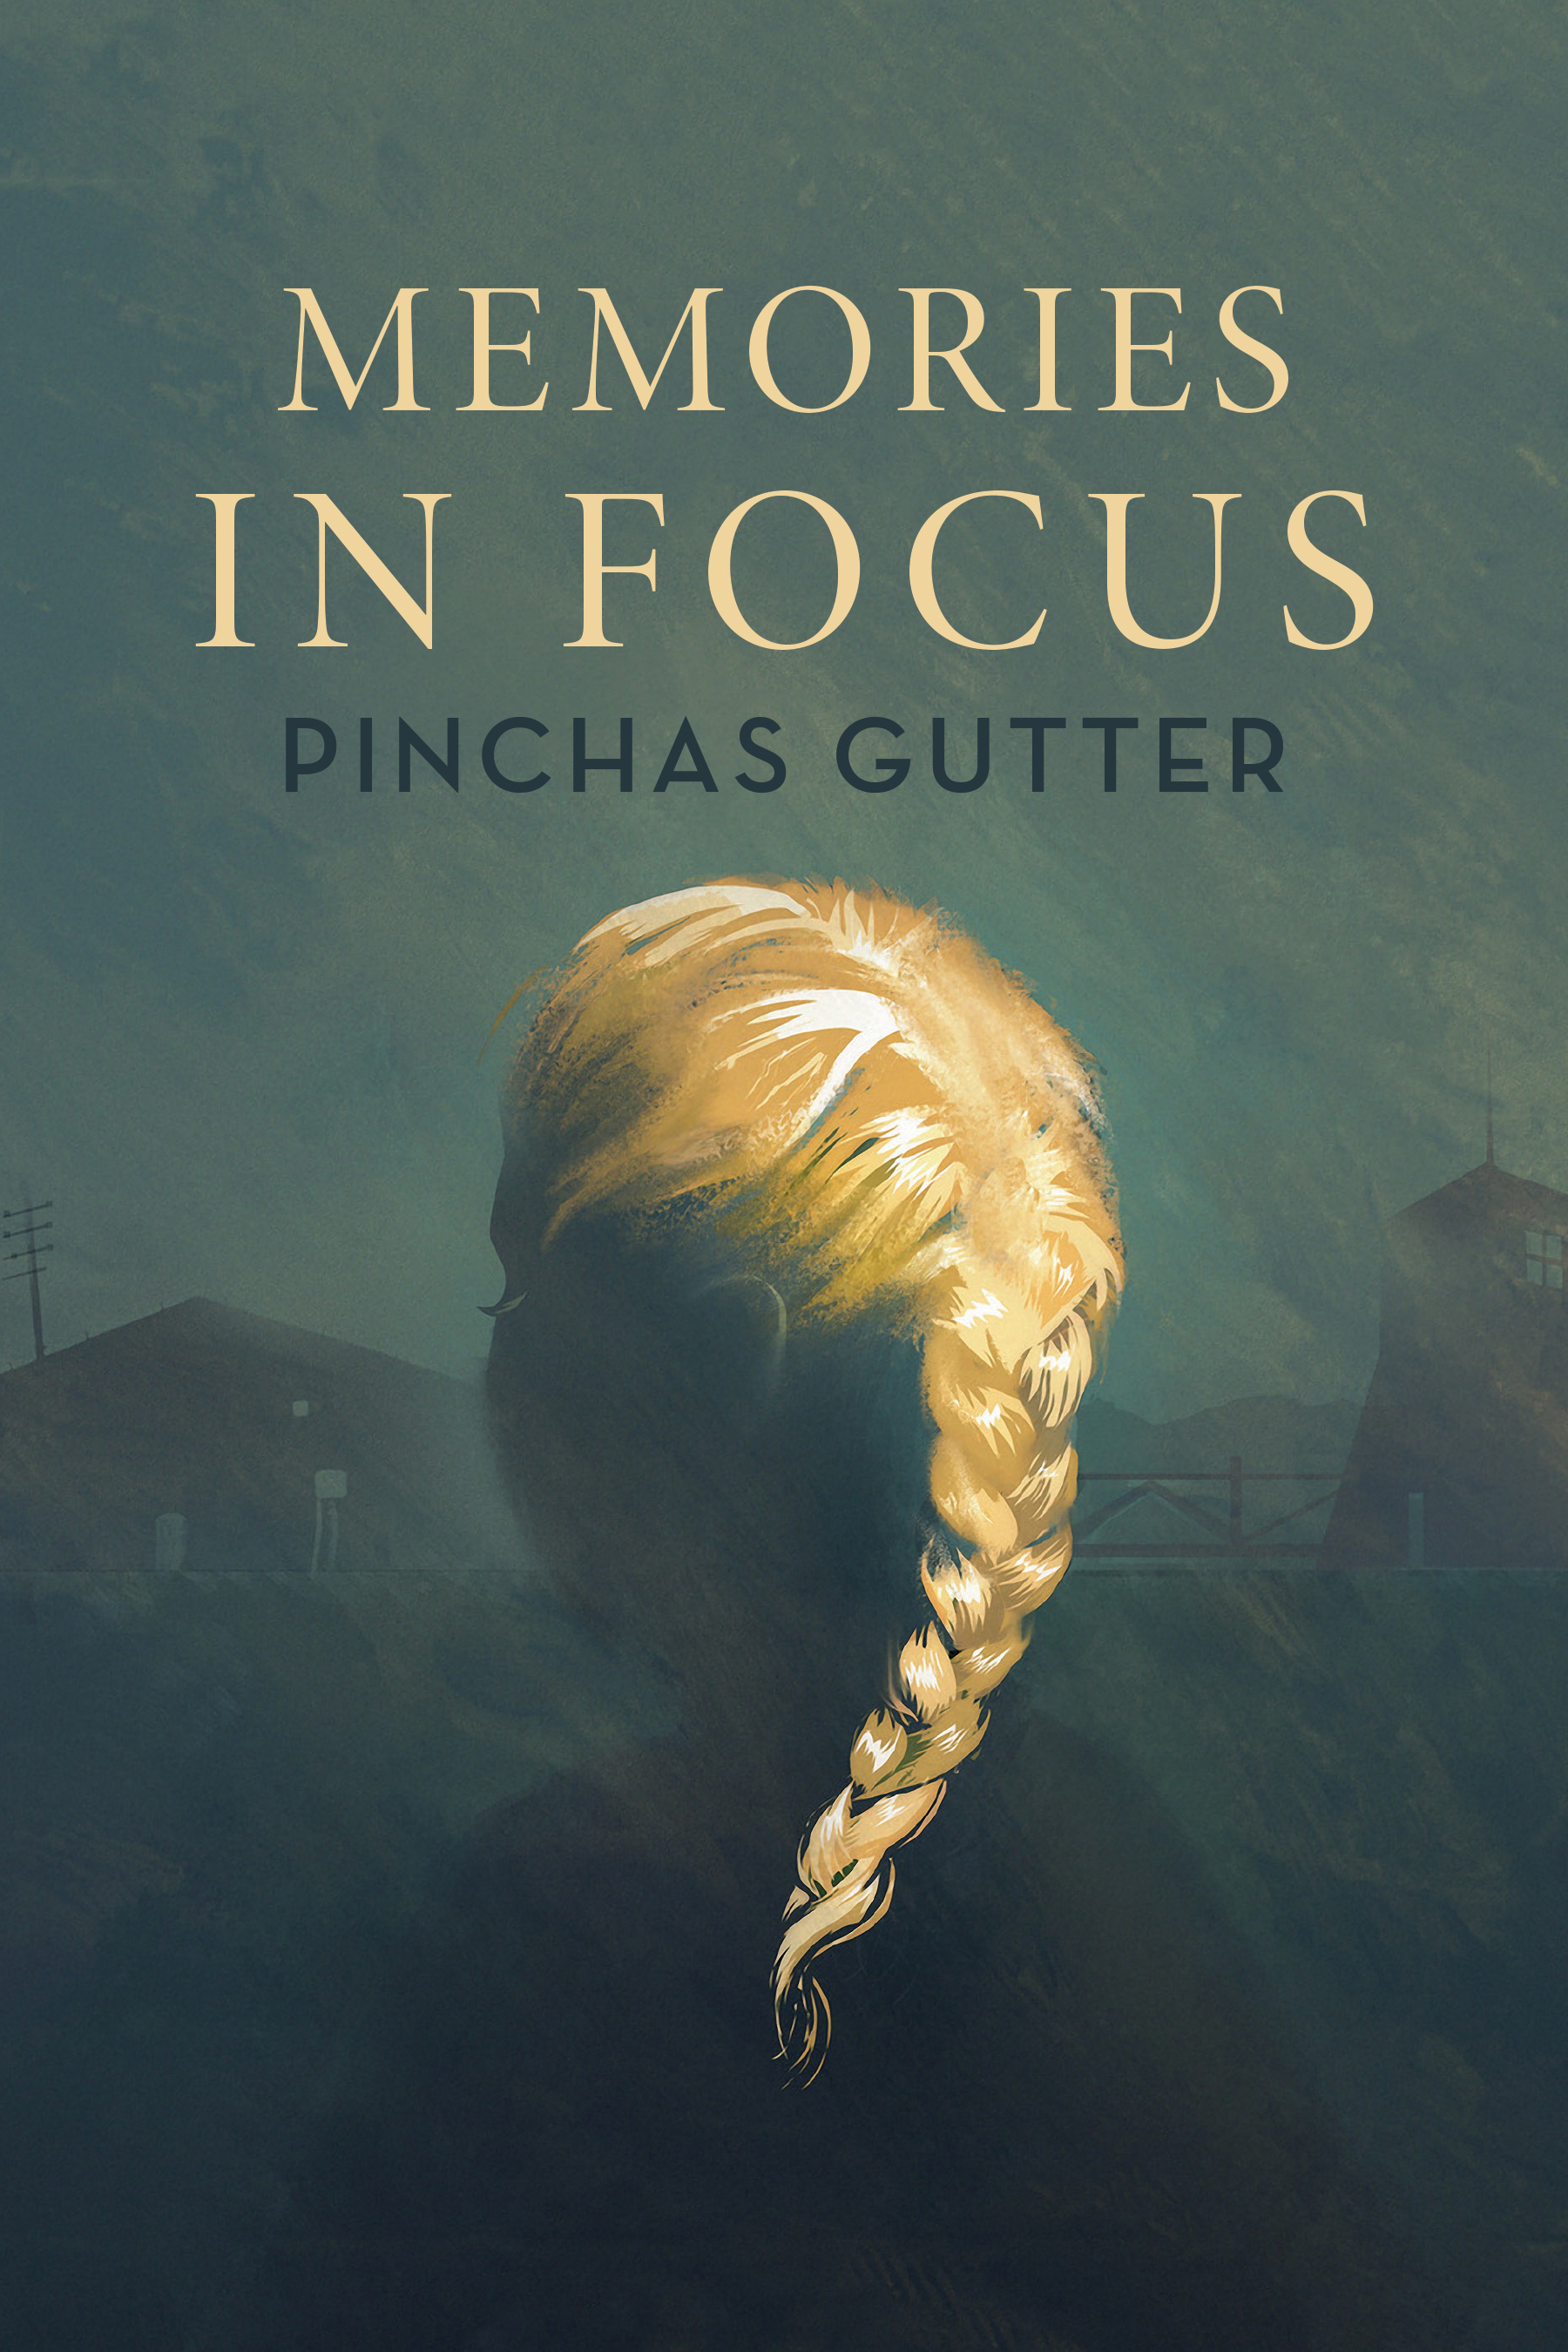 Memories in Focus book cover